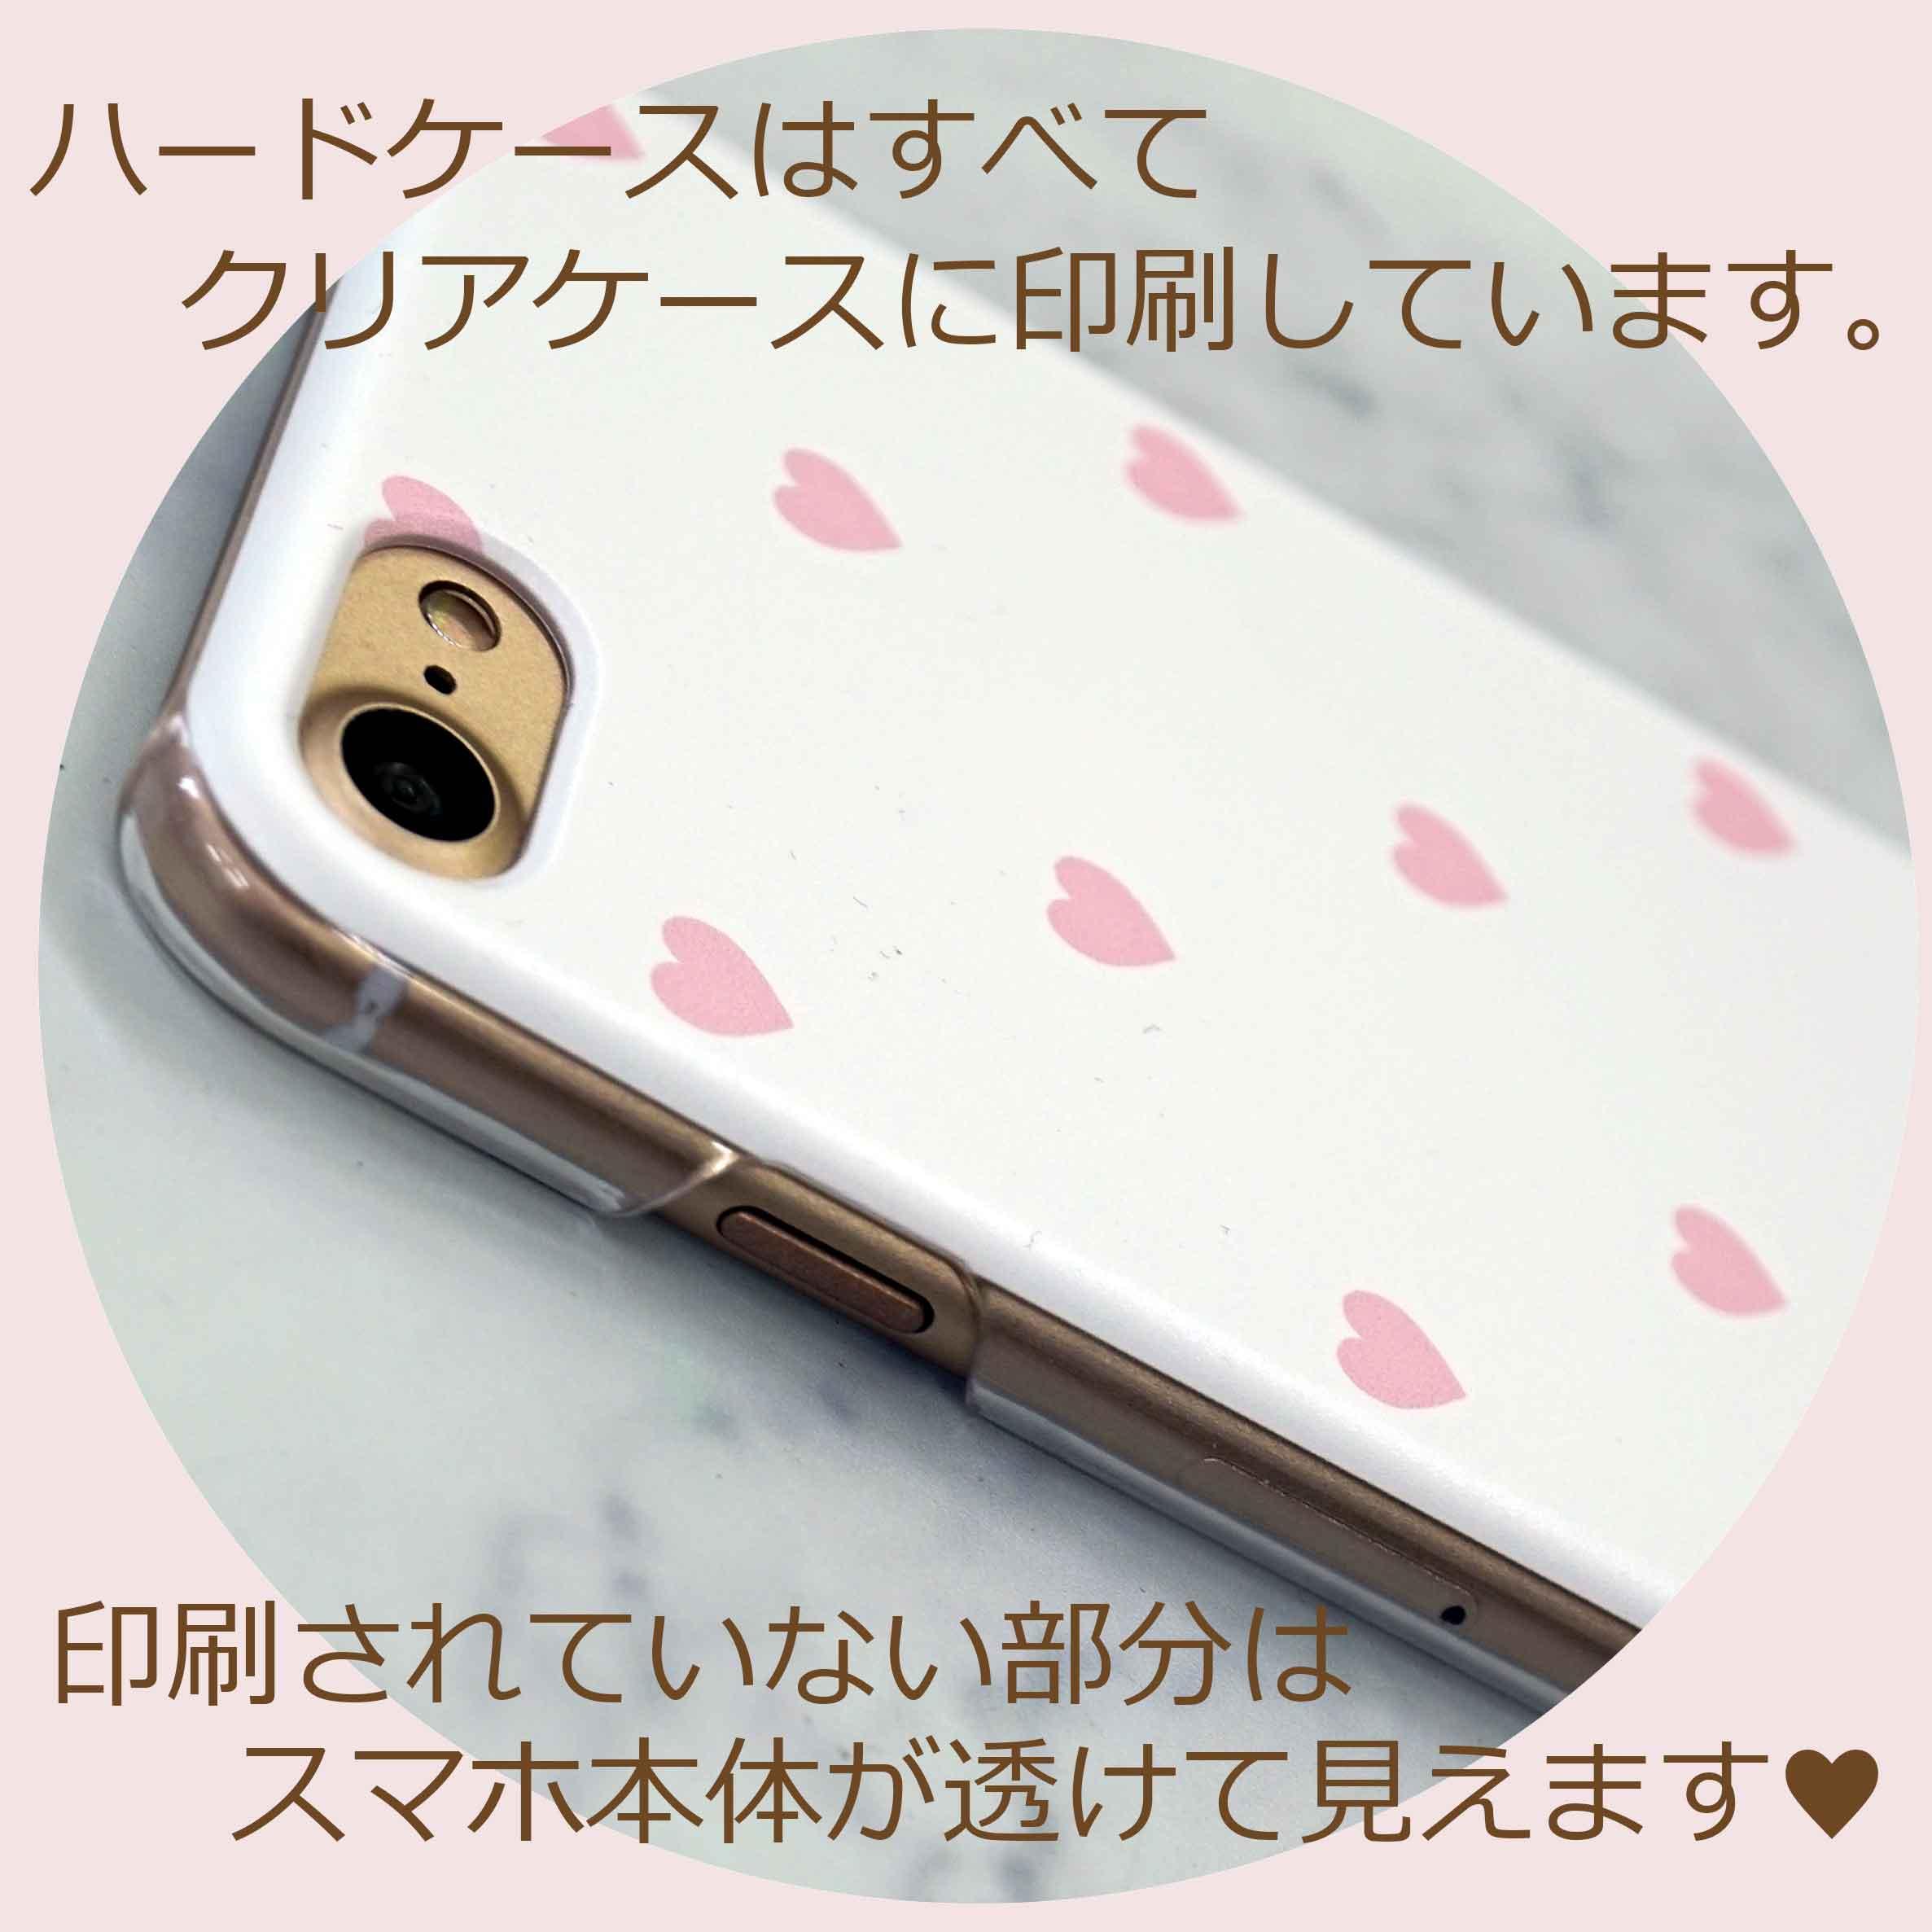 ビターチョコレートチェック【ハードケース・プルミエルリボン】